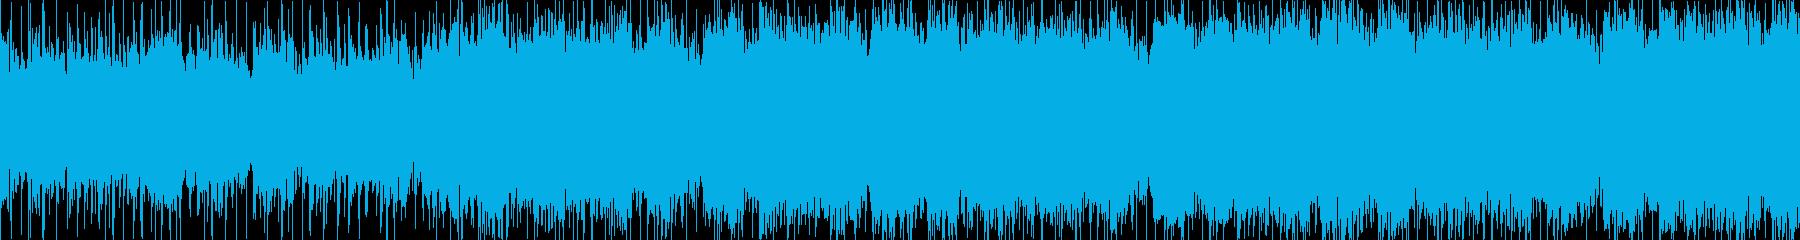 戦闘のスタンバイに入るオーケストラ楽曲の再生済みの波形